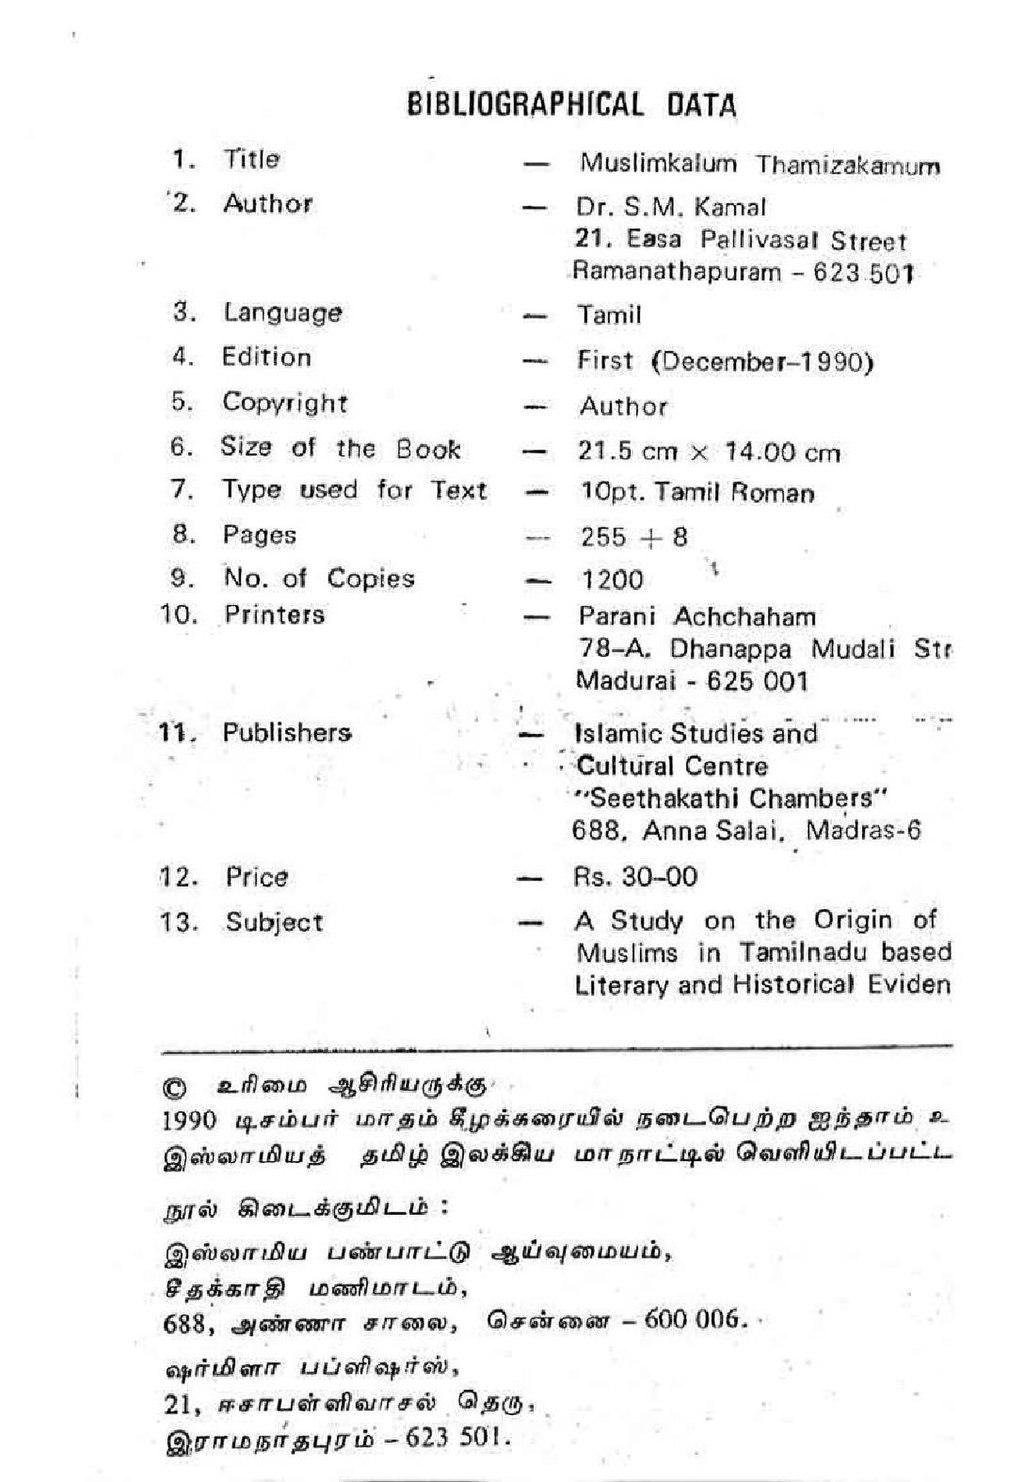 பக்கம்:முஸ்லீம்களும் தமிழகமும் pdf/3